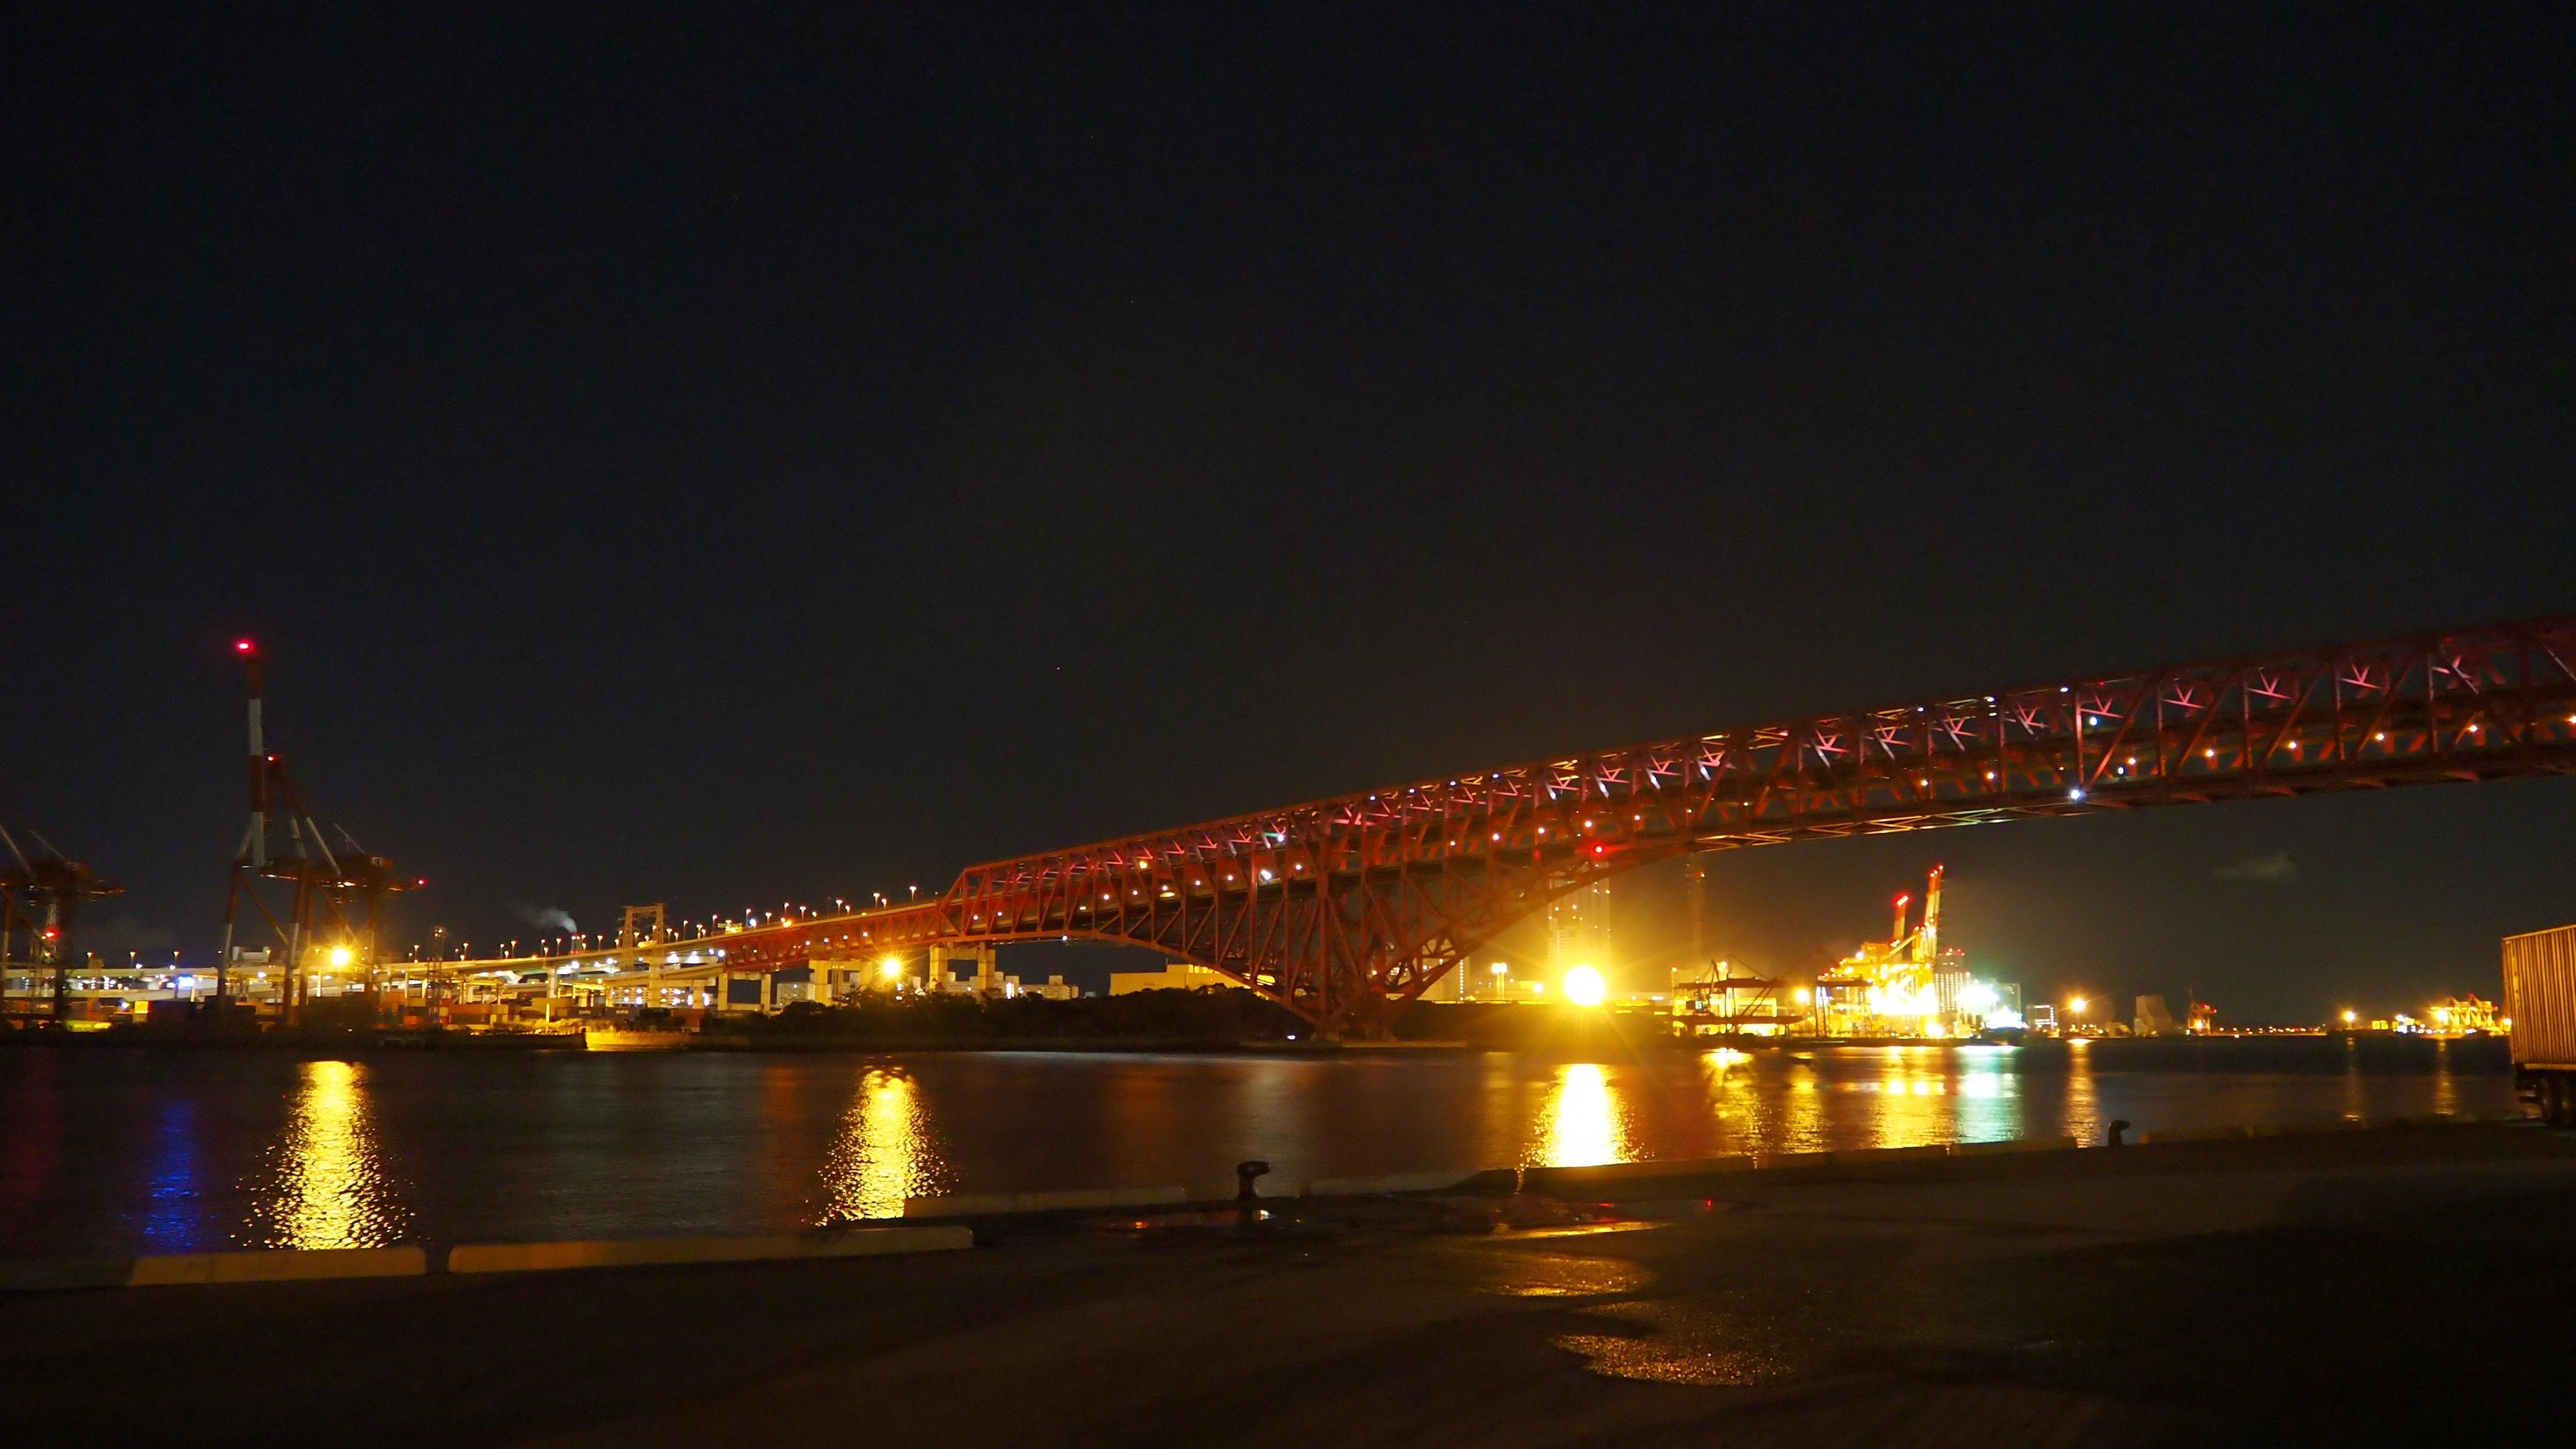 ぴーきち&ダイナ 大阪ナイトツーリング 大阪港第三突堤第七岸壁 ナナガン 夜景